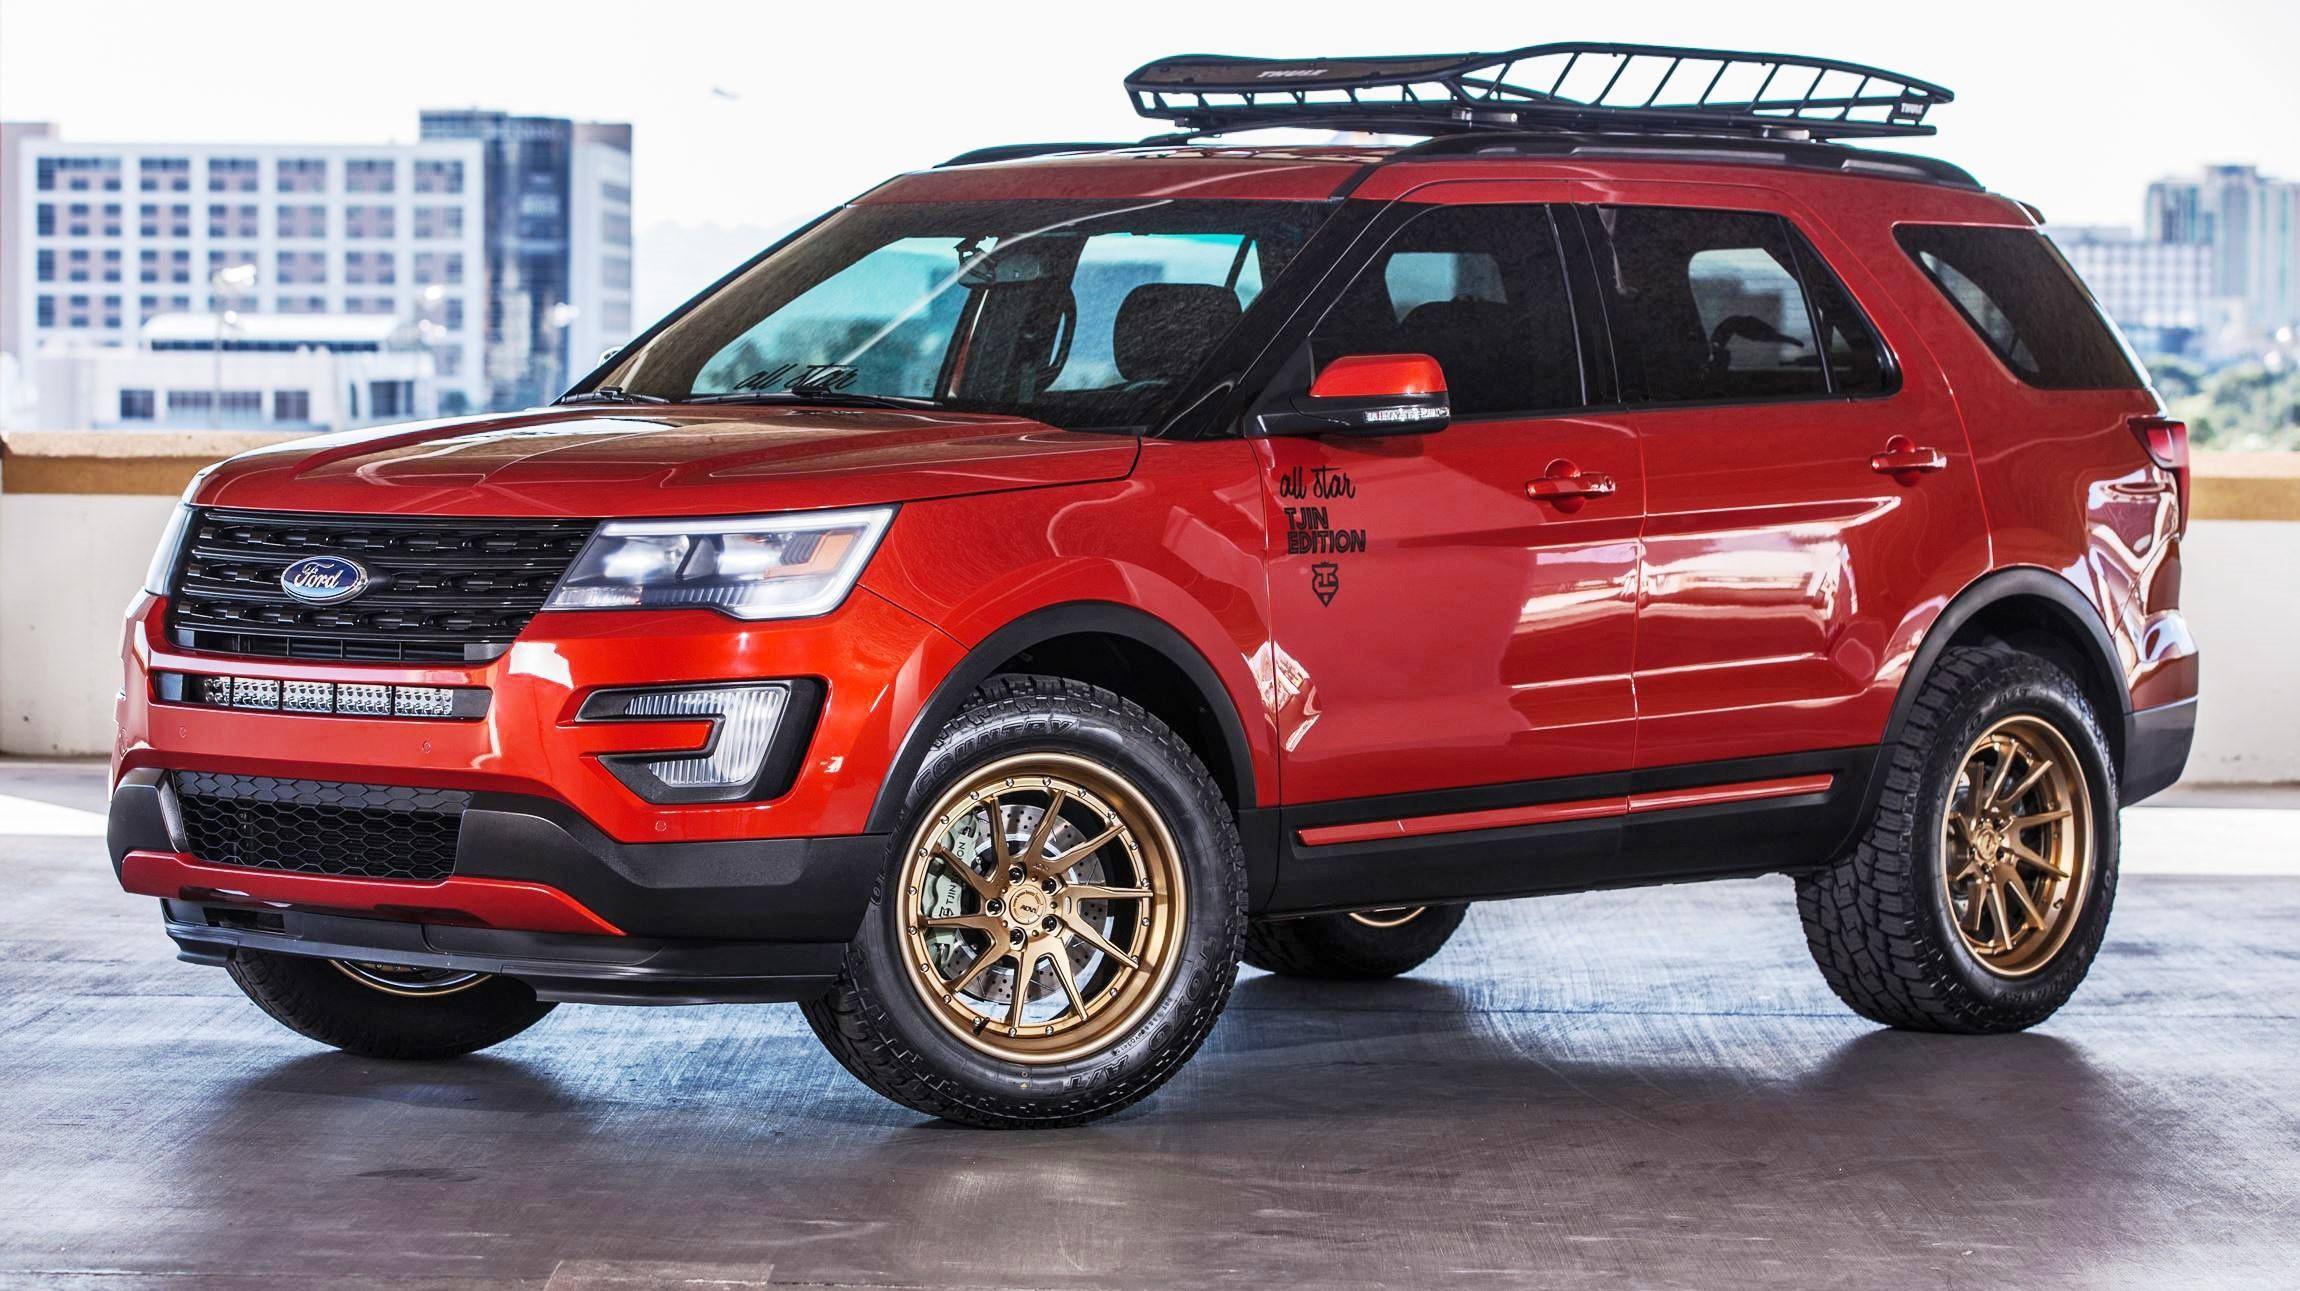 Ford Cars And Trucks : Ford sema custom trucks